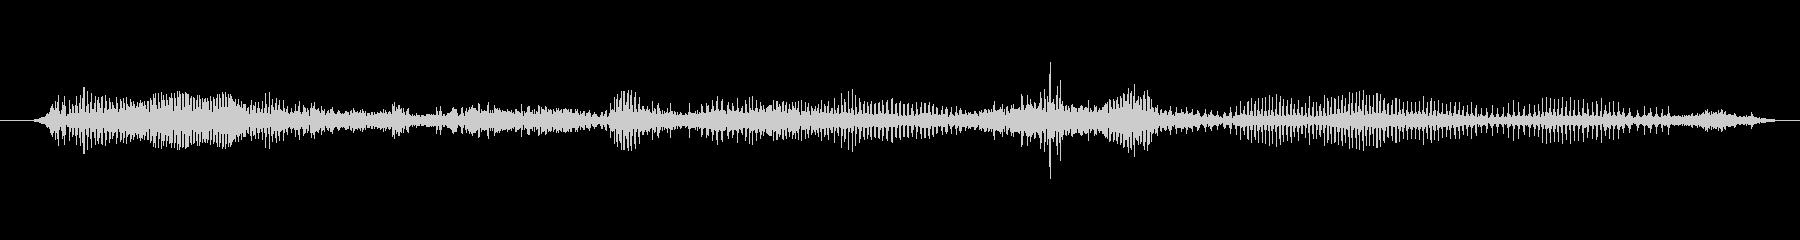 鳴き声 男性のうなり声睡眠02の未再生の波形